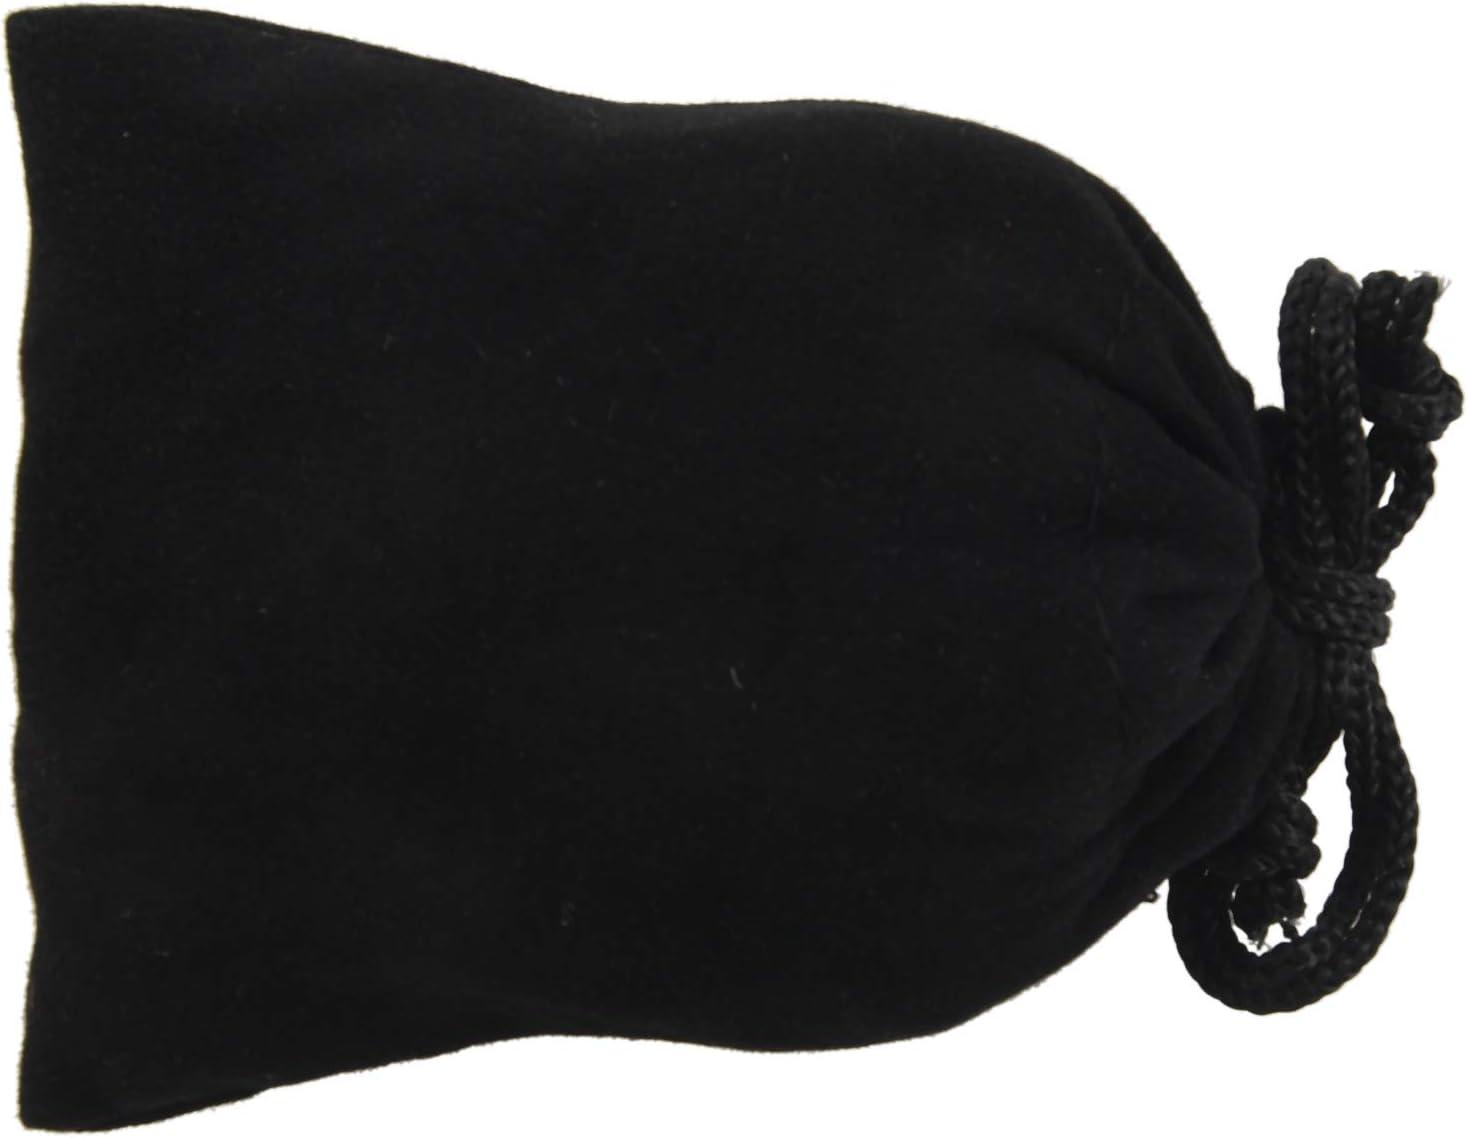 Kamenda 1 Pieces Pochettes a Cordon en Velours Elegant des Sacs-Cadeaux Pochettes a Bijoux//Sacs-Cadeaux Noir